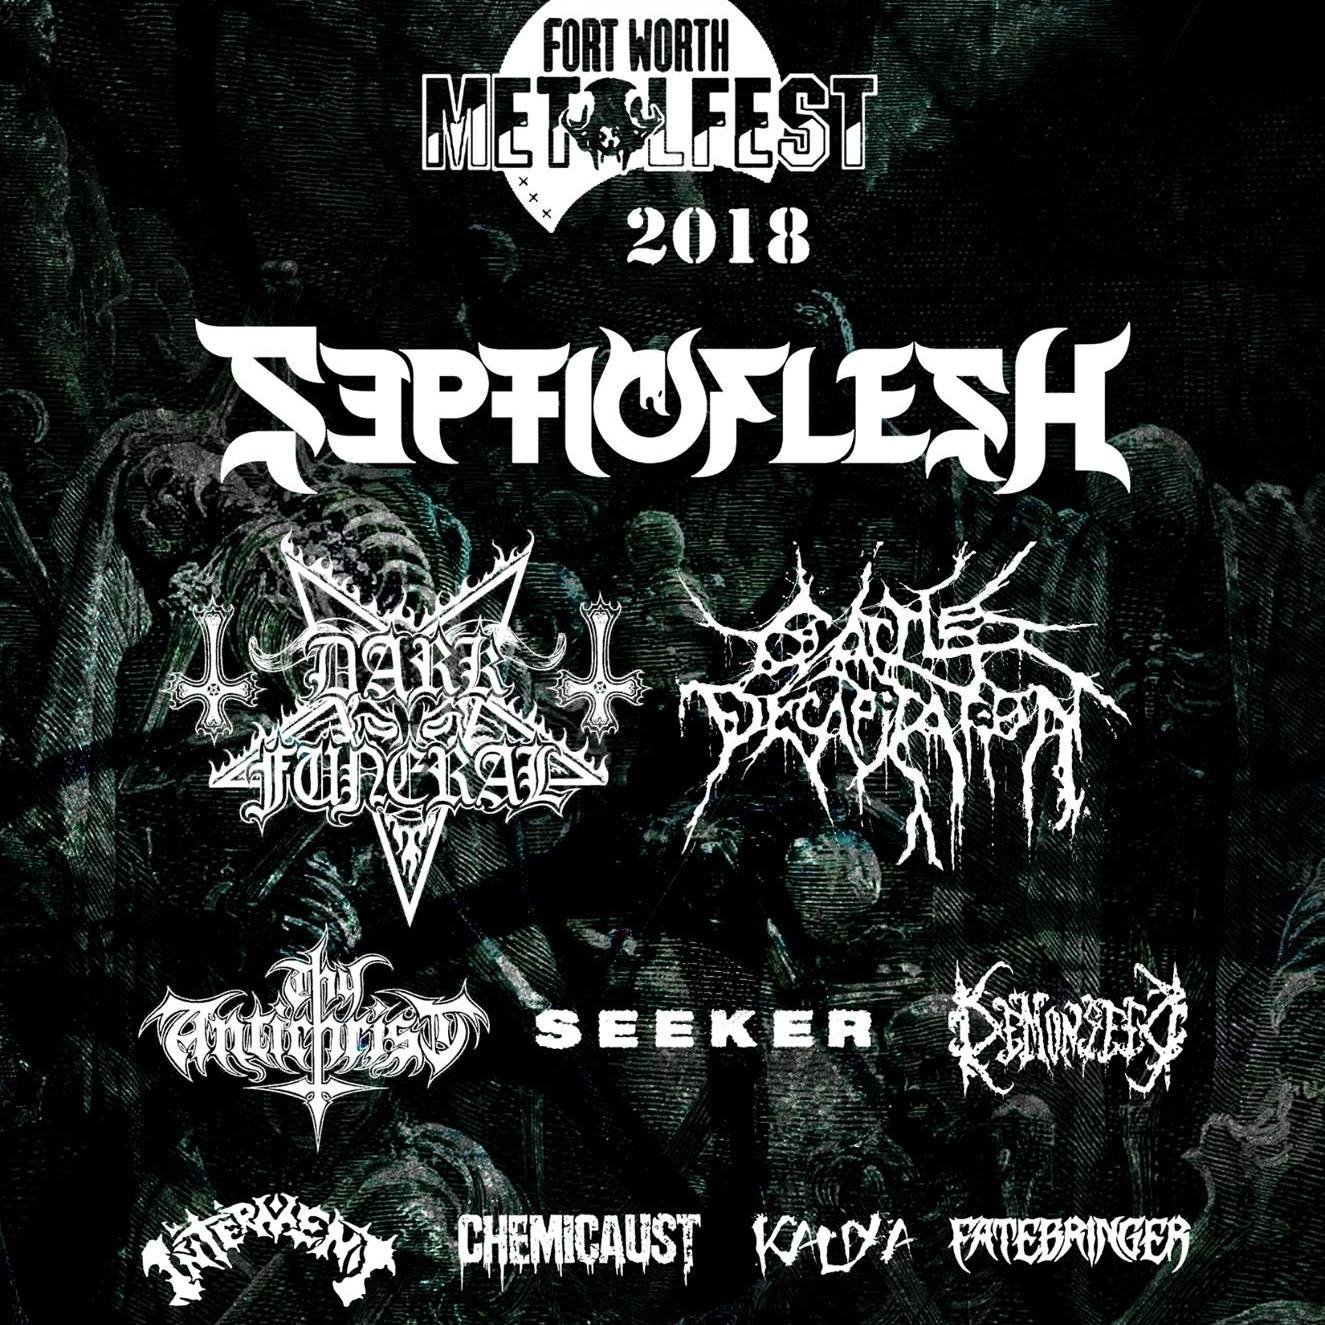 Fort Worth Metal Fest 2018